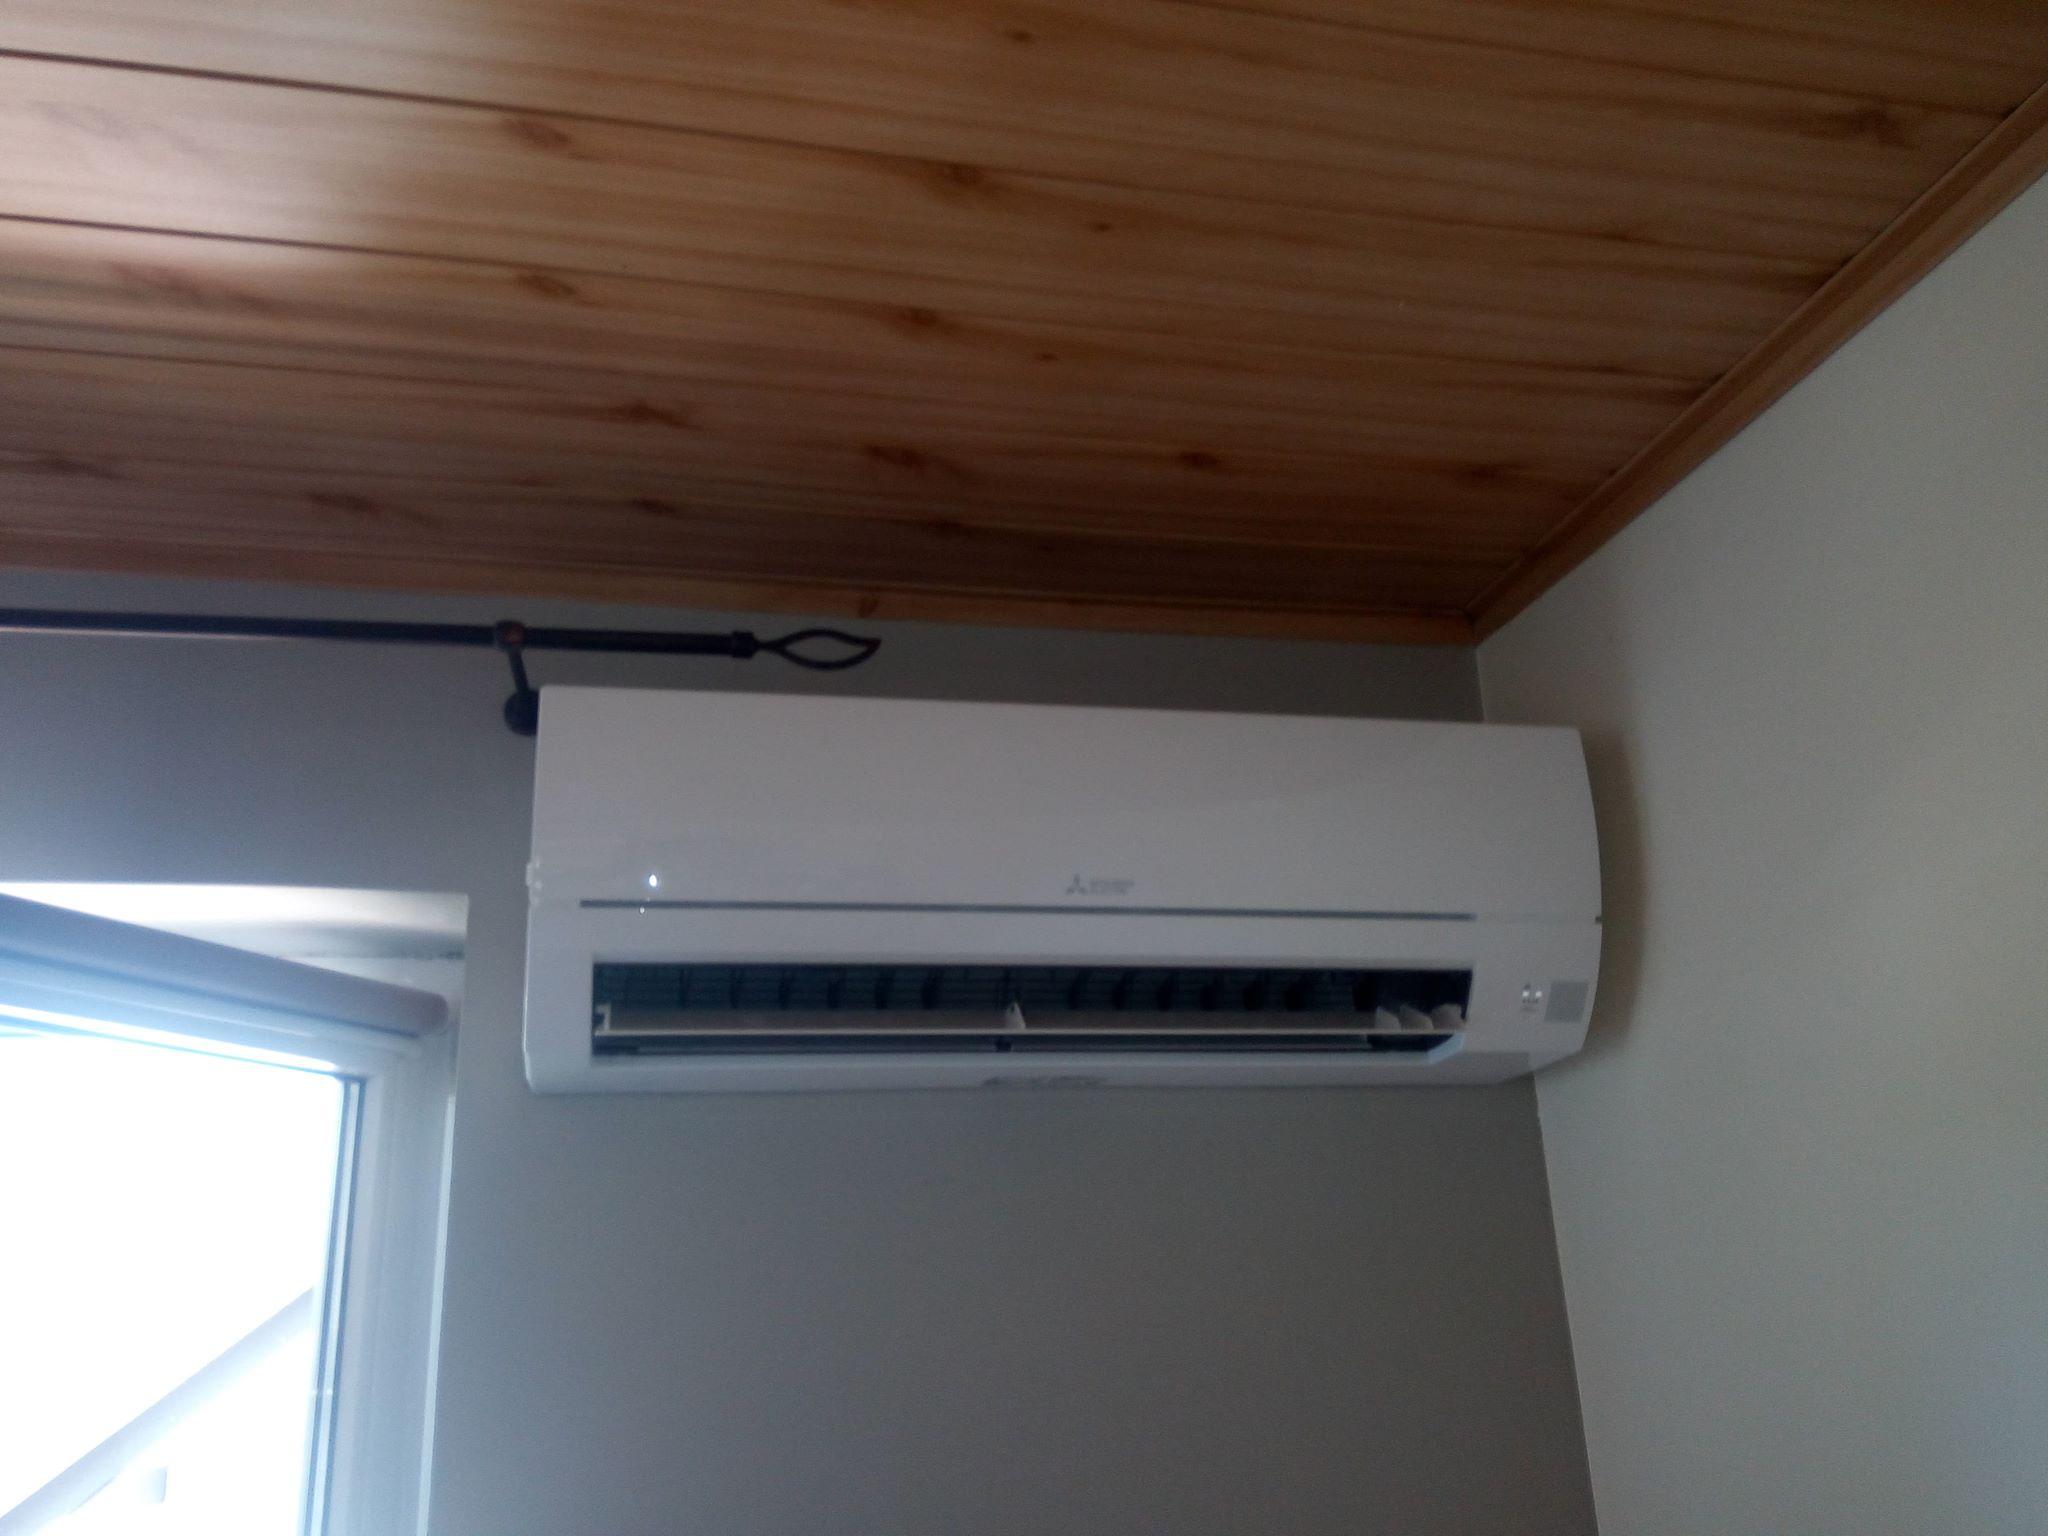 Klimatyzacja Mitsubishi 5kw Starachowice